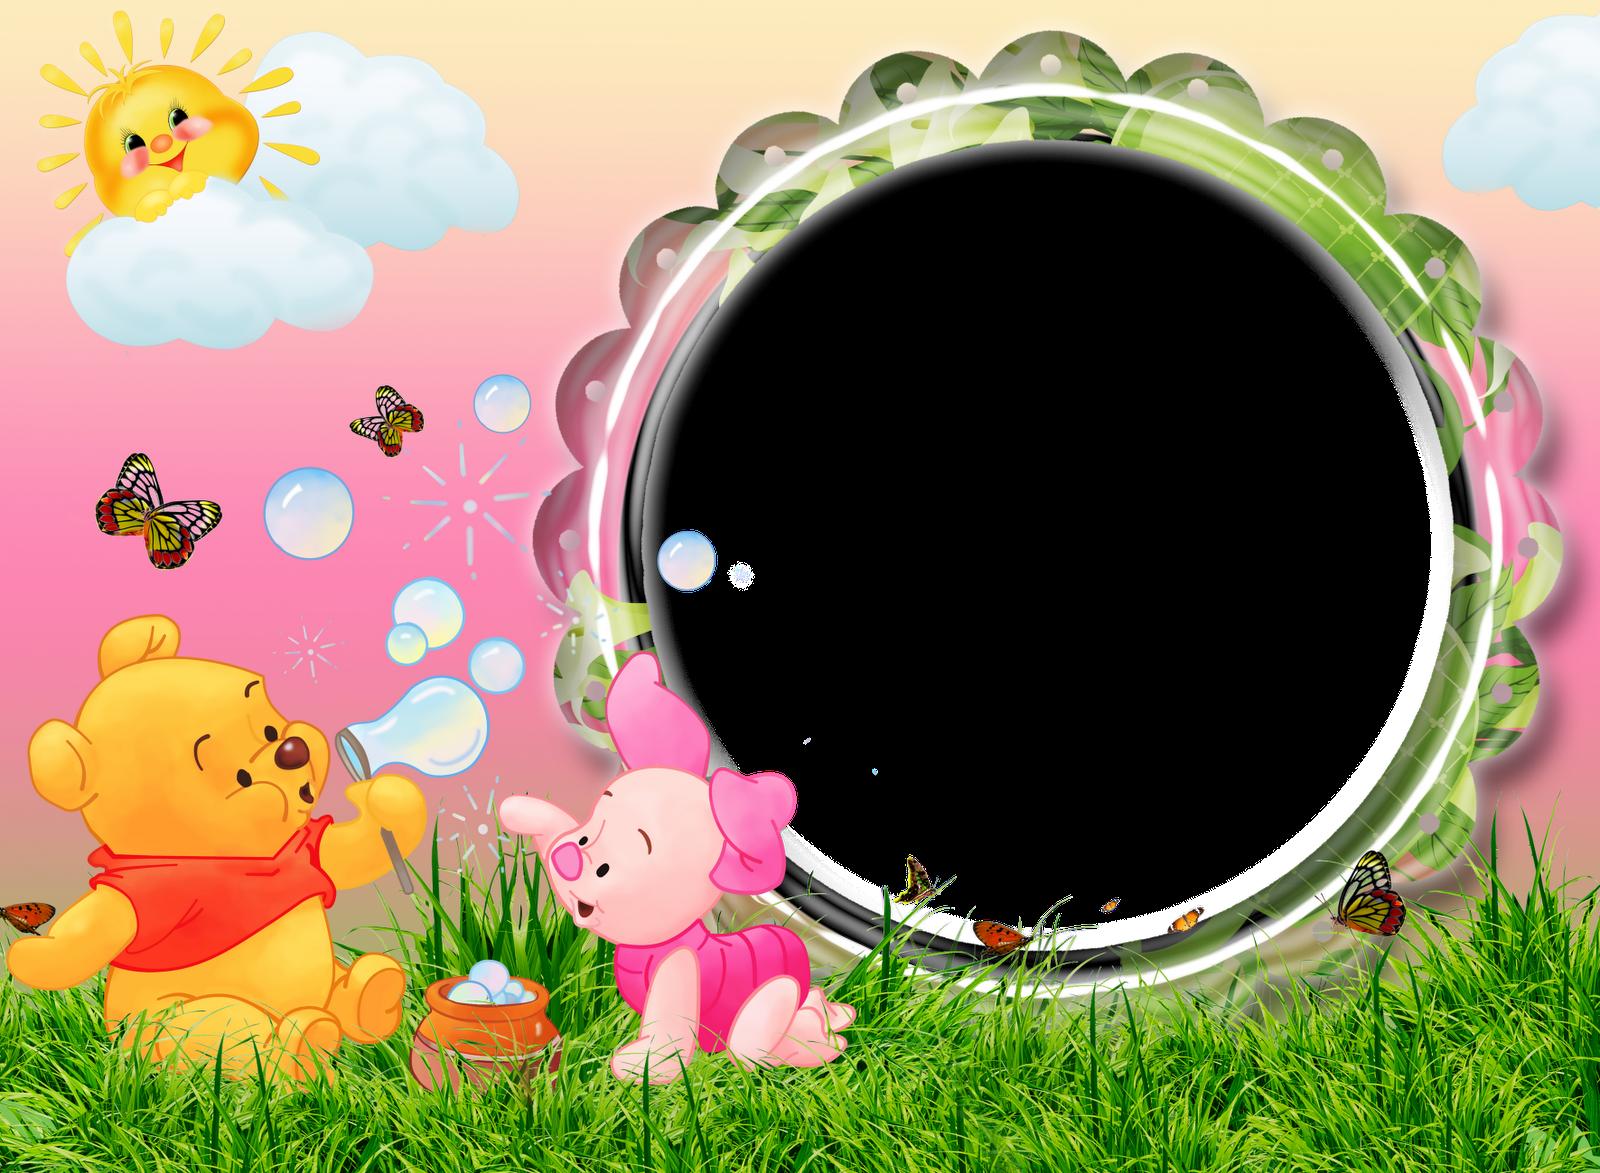 Imágenes de cumpleaños de Winnie the Pooh – Descargar imágenes gratis